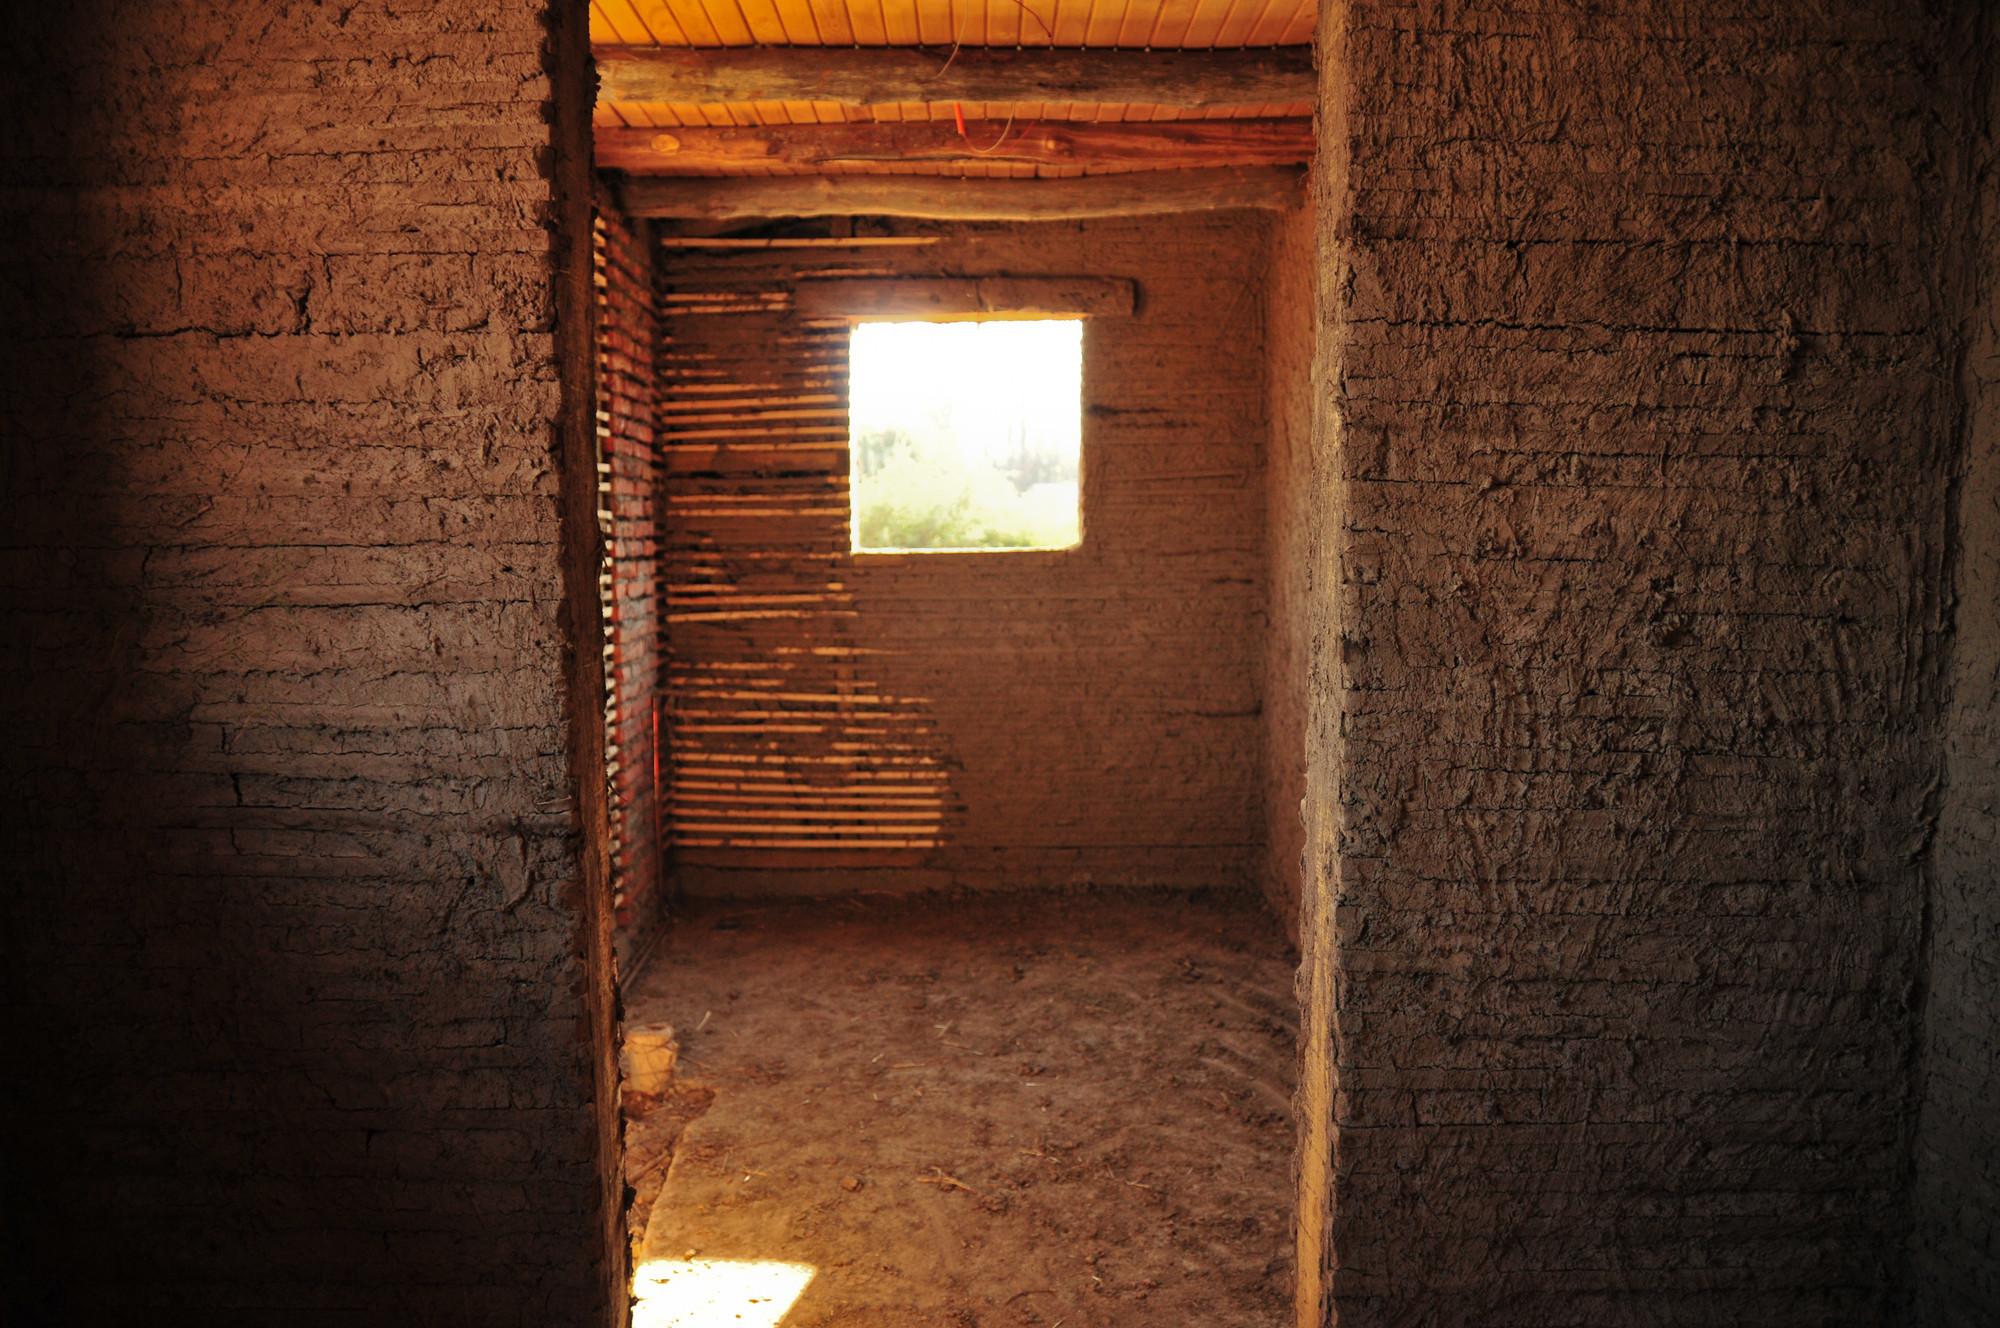 En Detalle: Revisitando tradiciones constructivas, al rescate de la Quincha, © Teresita Pérez